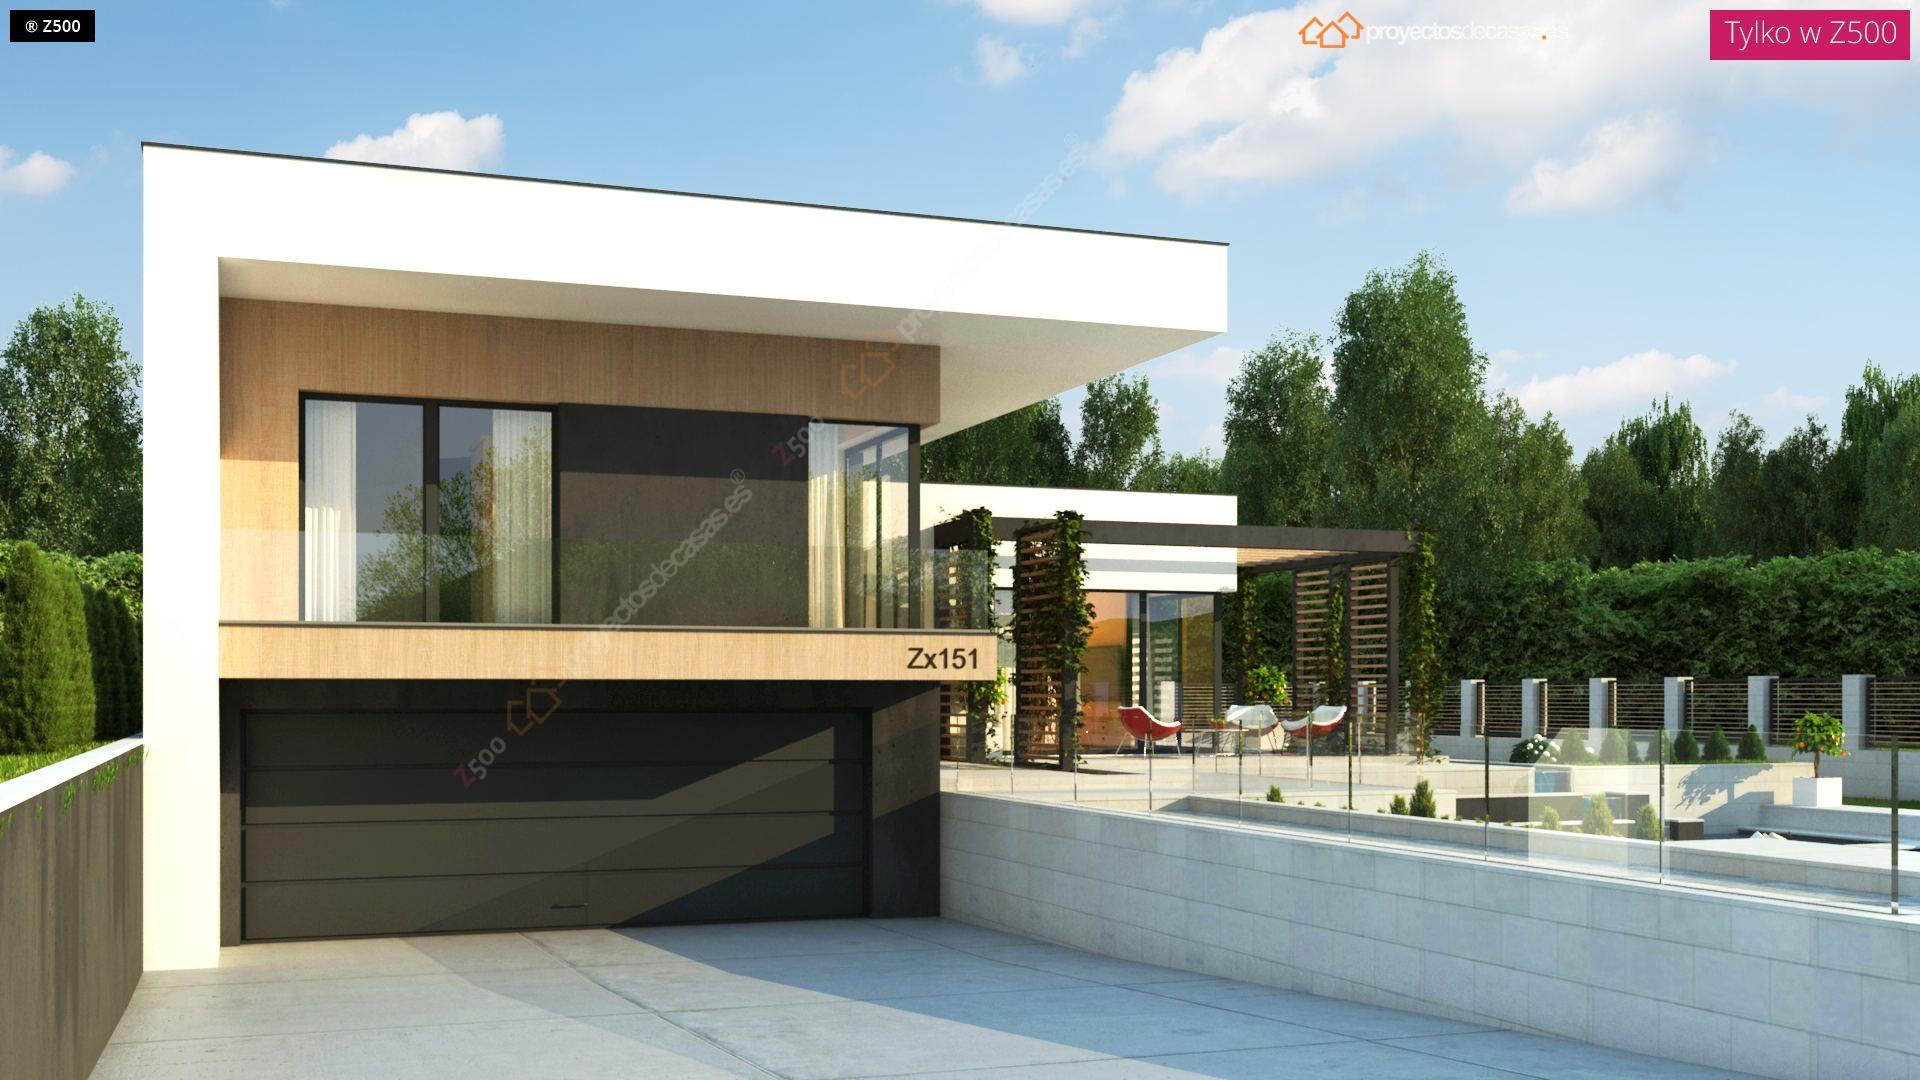 Proyectos de casas casa moderna de 1 planta con piscina for Jardines interiores de casas modernas